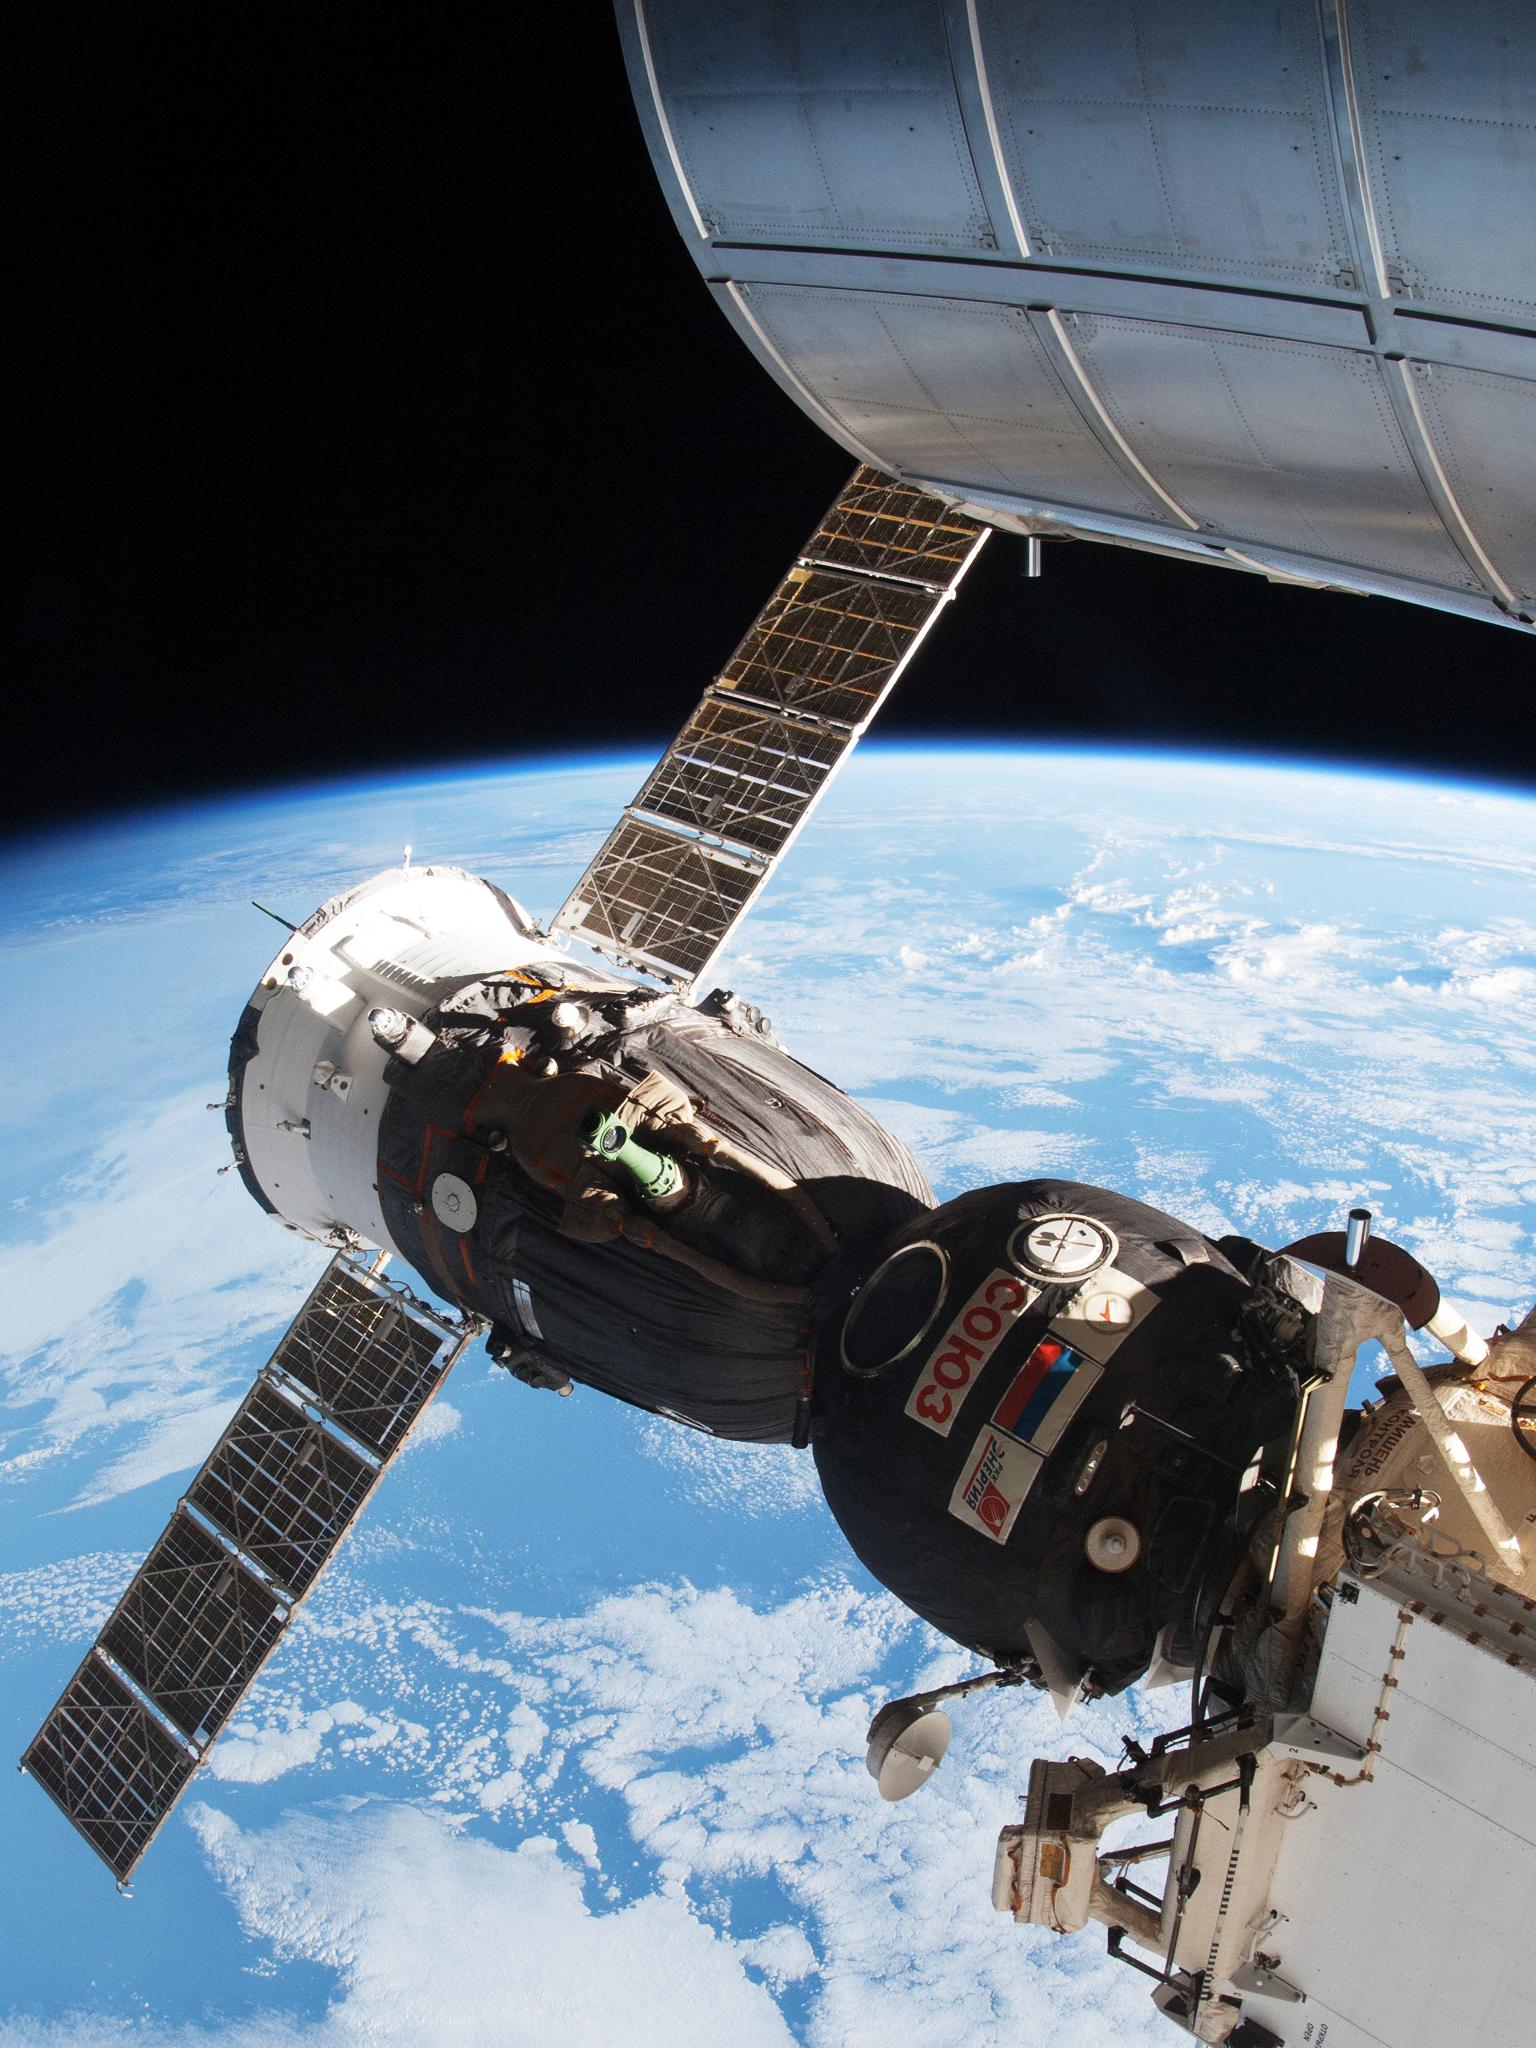 Sojus-Kapsel angedockt an der ISS: Russland verfügt mit der Sojus derzeit über die einzige Möglichkeit, Astronauten zur ISS zu bringen.